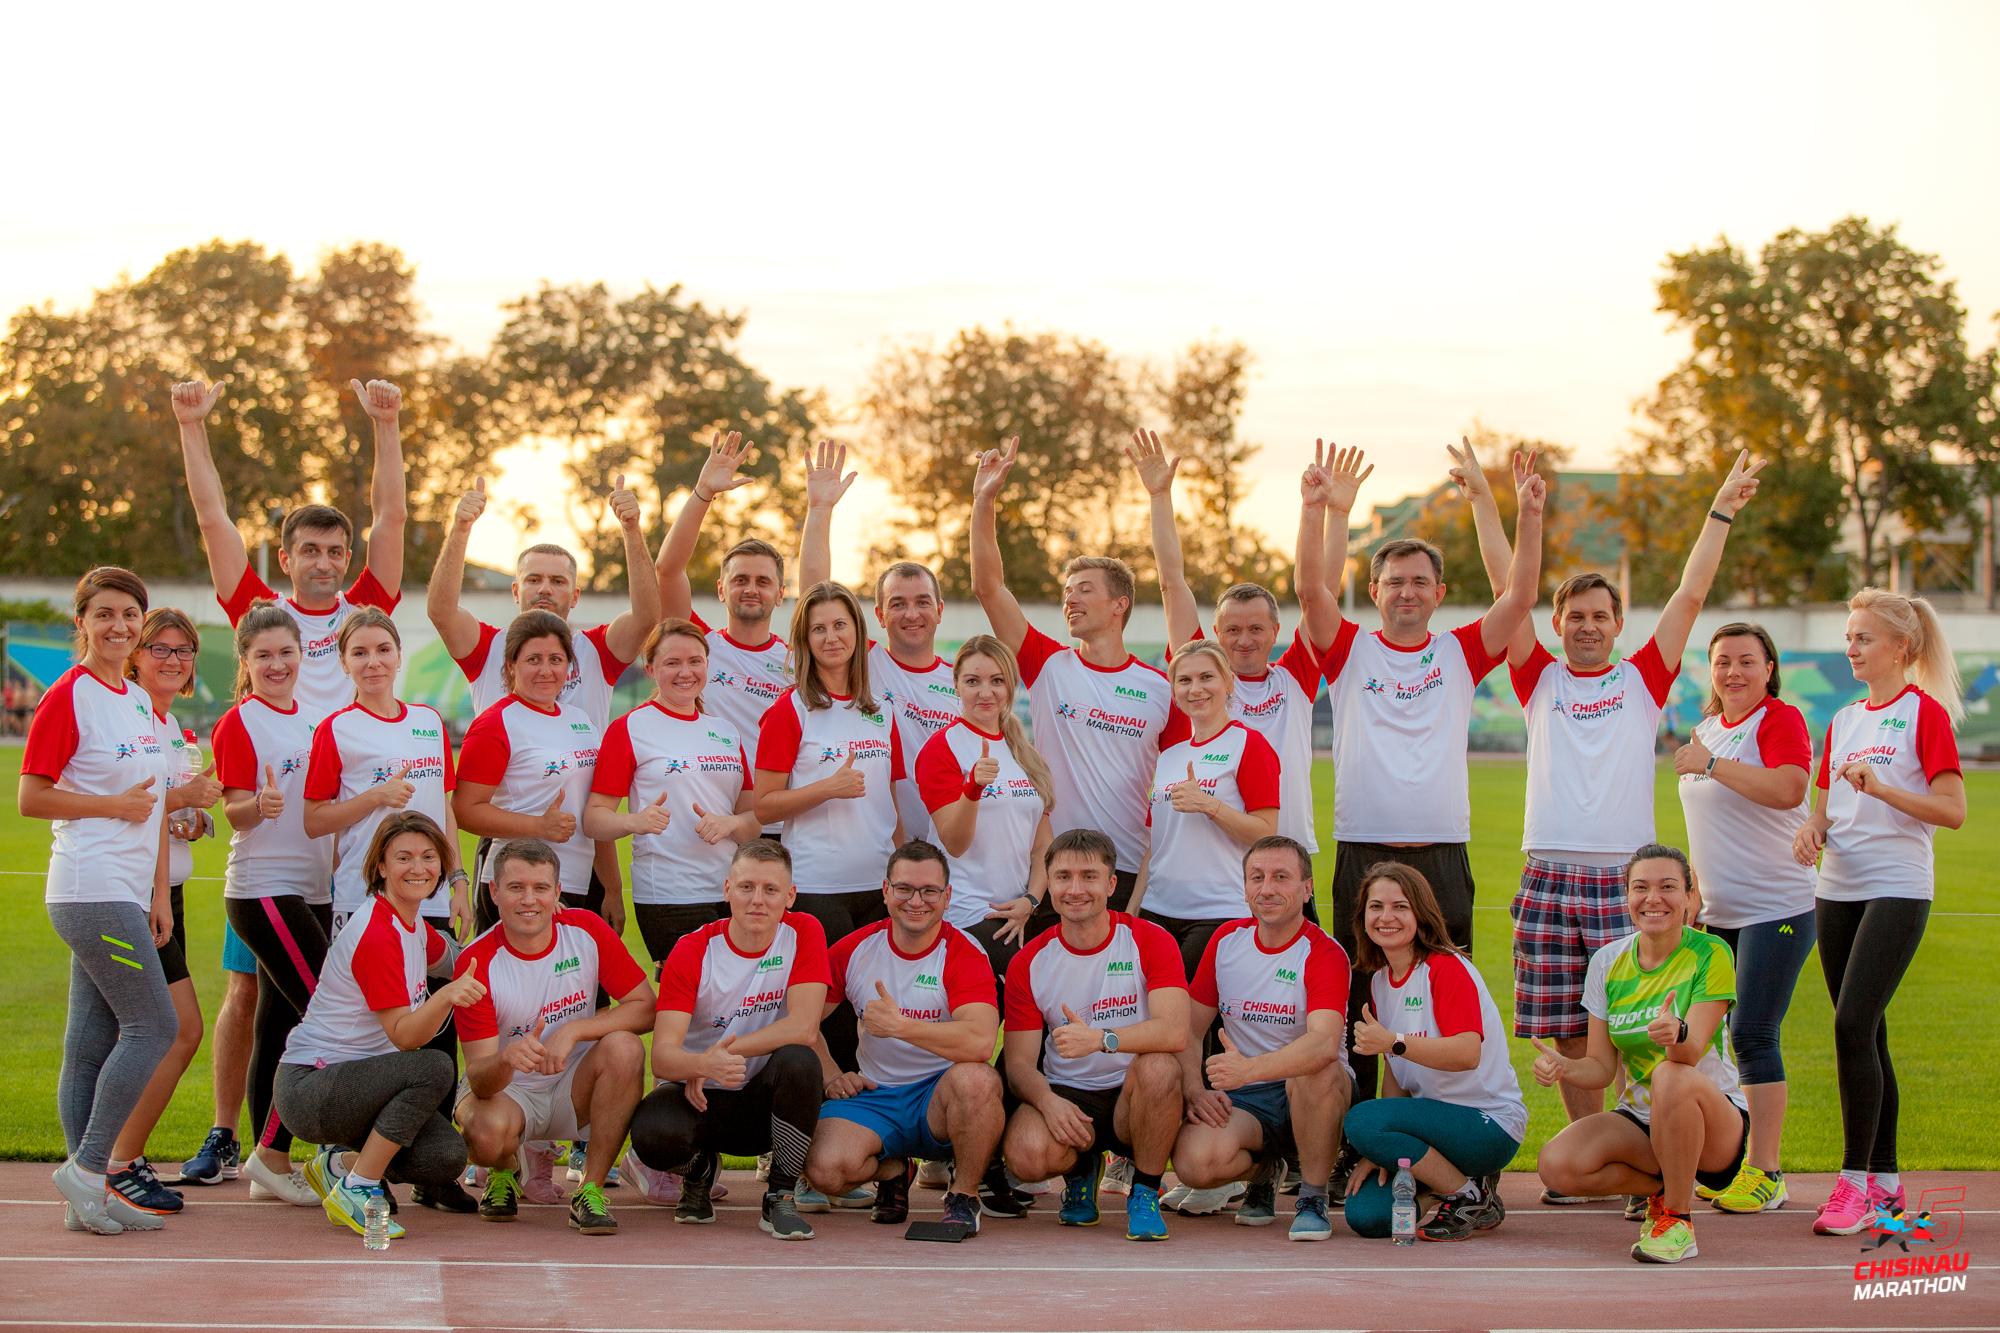 Fii şi tu MAIBun. Echipa Moldova Agroindbank este în pregătiri pentru Maratonul Internaţional Chişinău